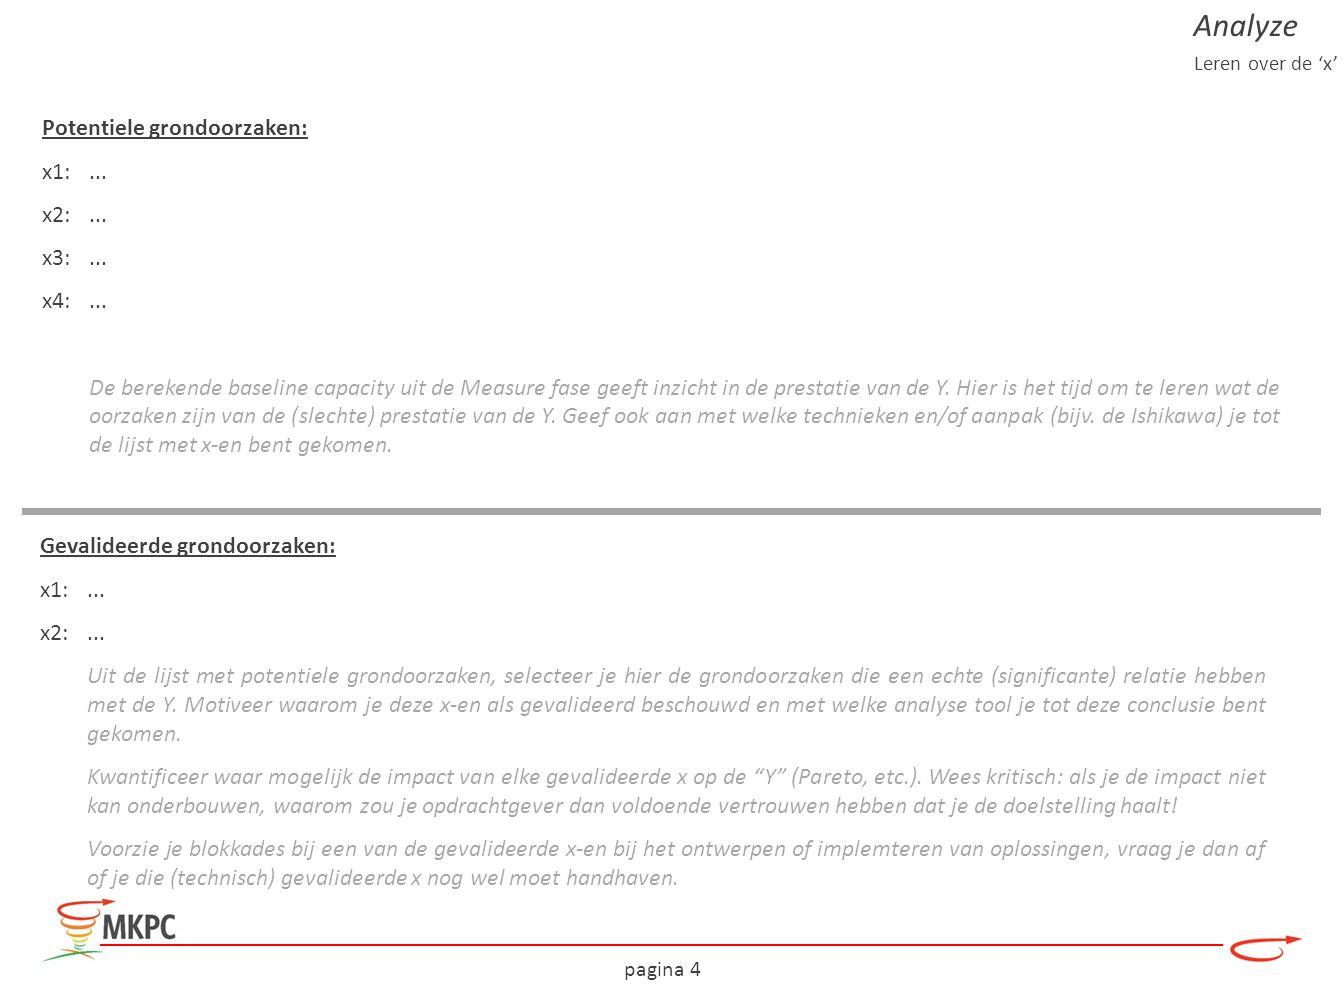 pagina 5 Verbeteringen voor de gevalideerde grondoorzaken: x1:...